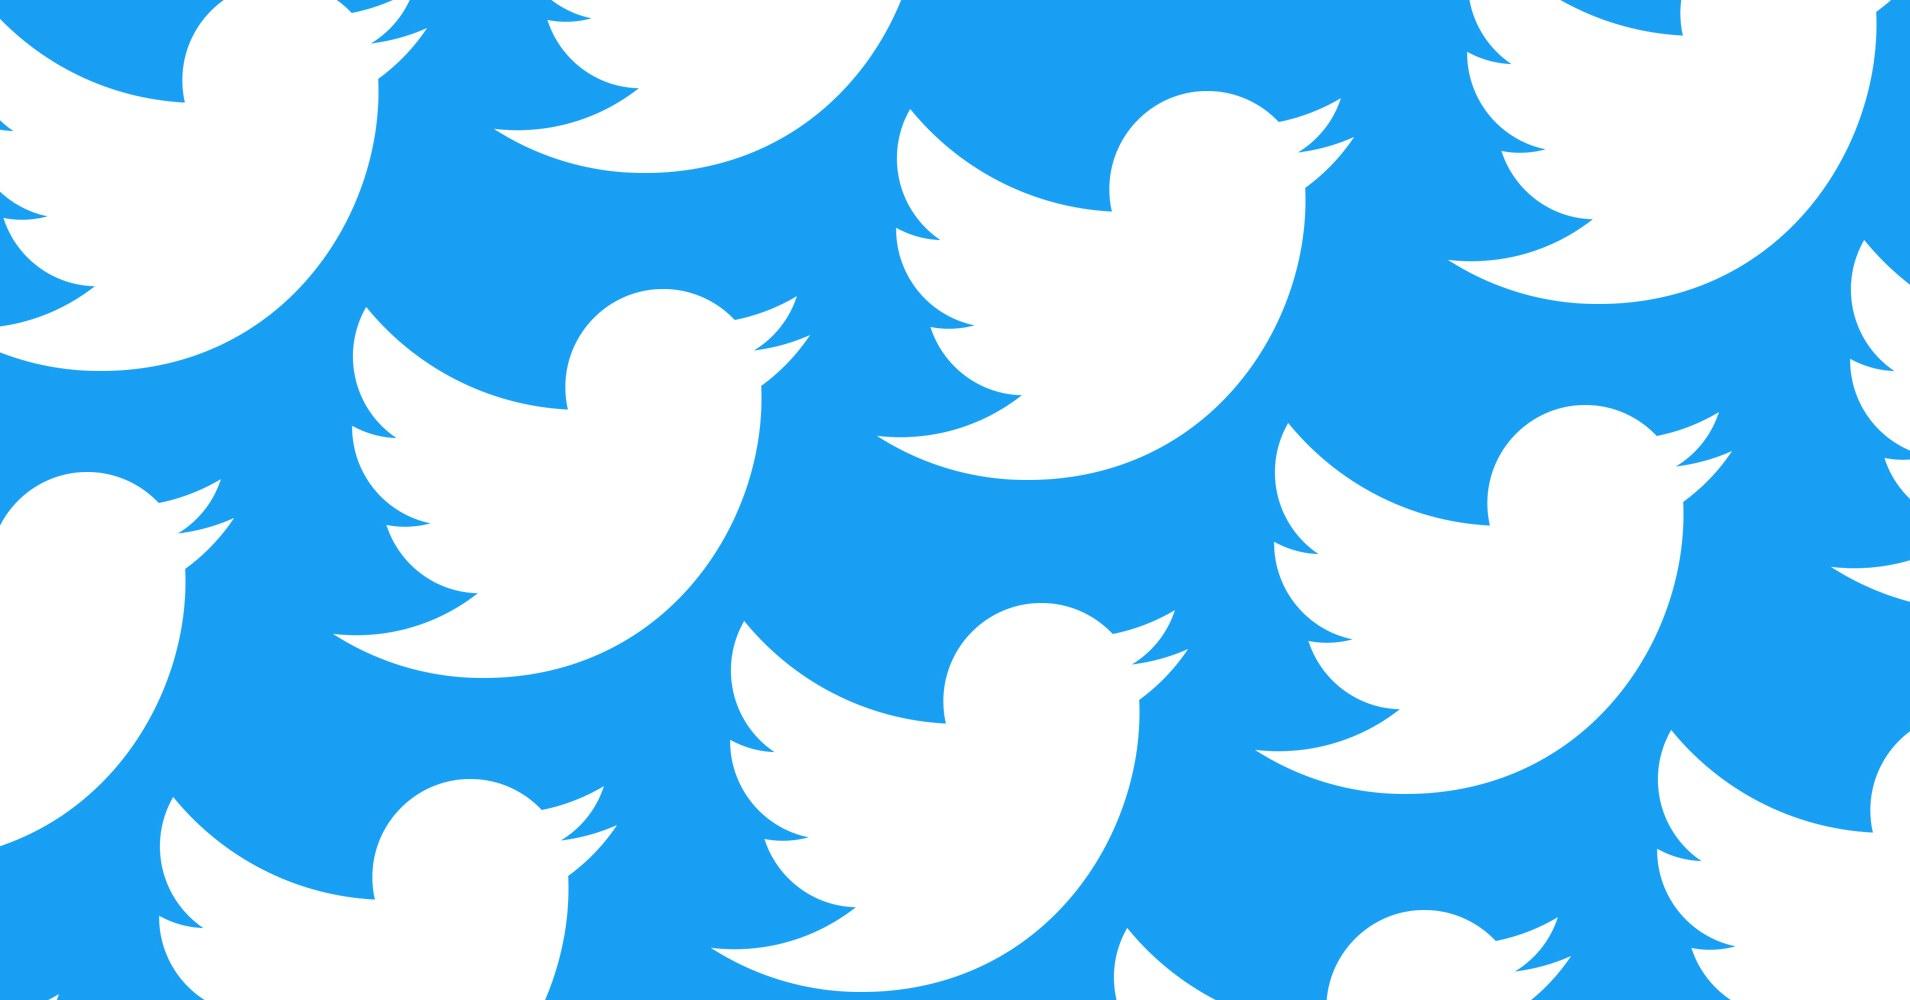 ثمان اشياء يحب عملها حتى تصبح من المؤثرين في تويتر